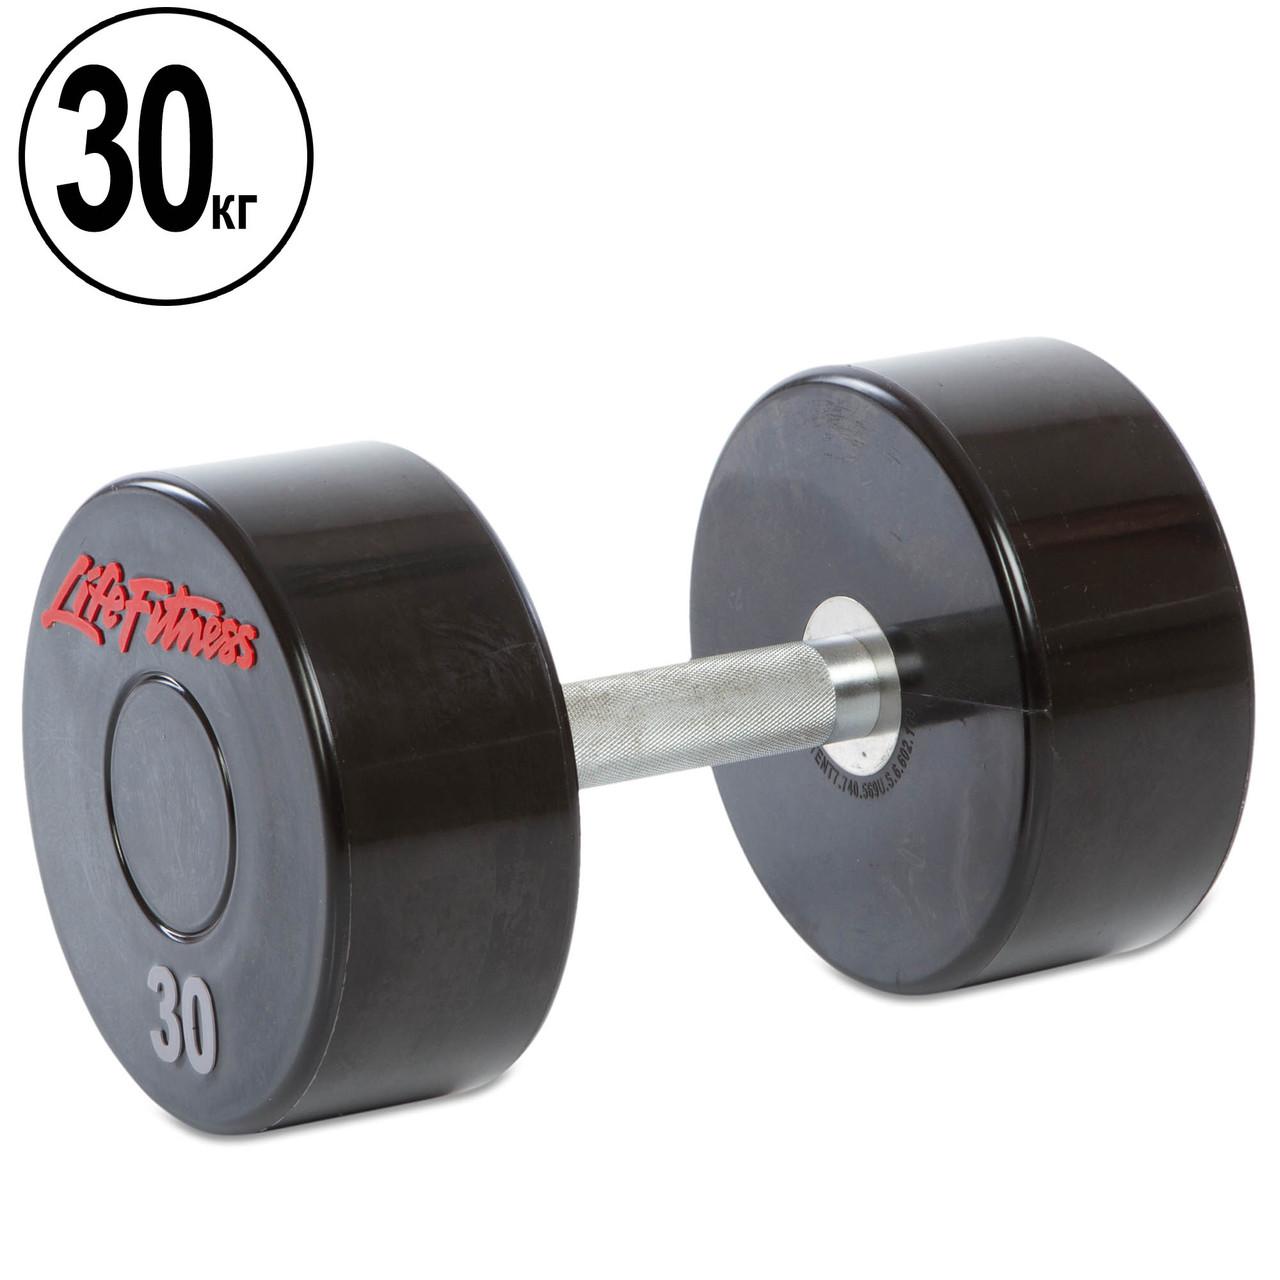 Гантель цельная профессиональная Life Fitness (1шт) 30кг (полиуретановое покрытие, вес 30кг)